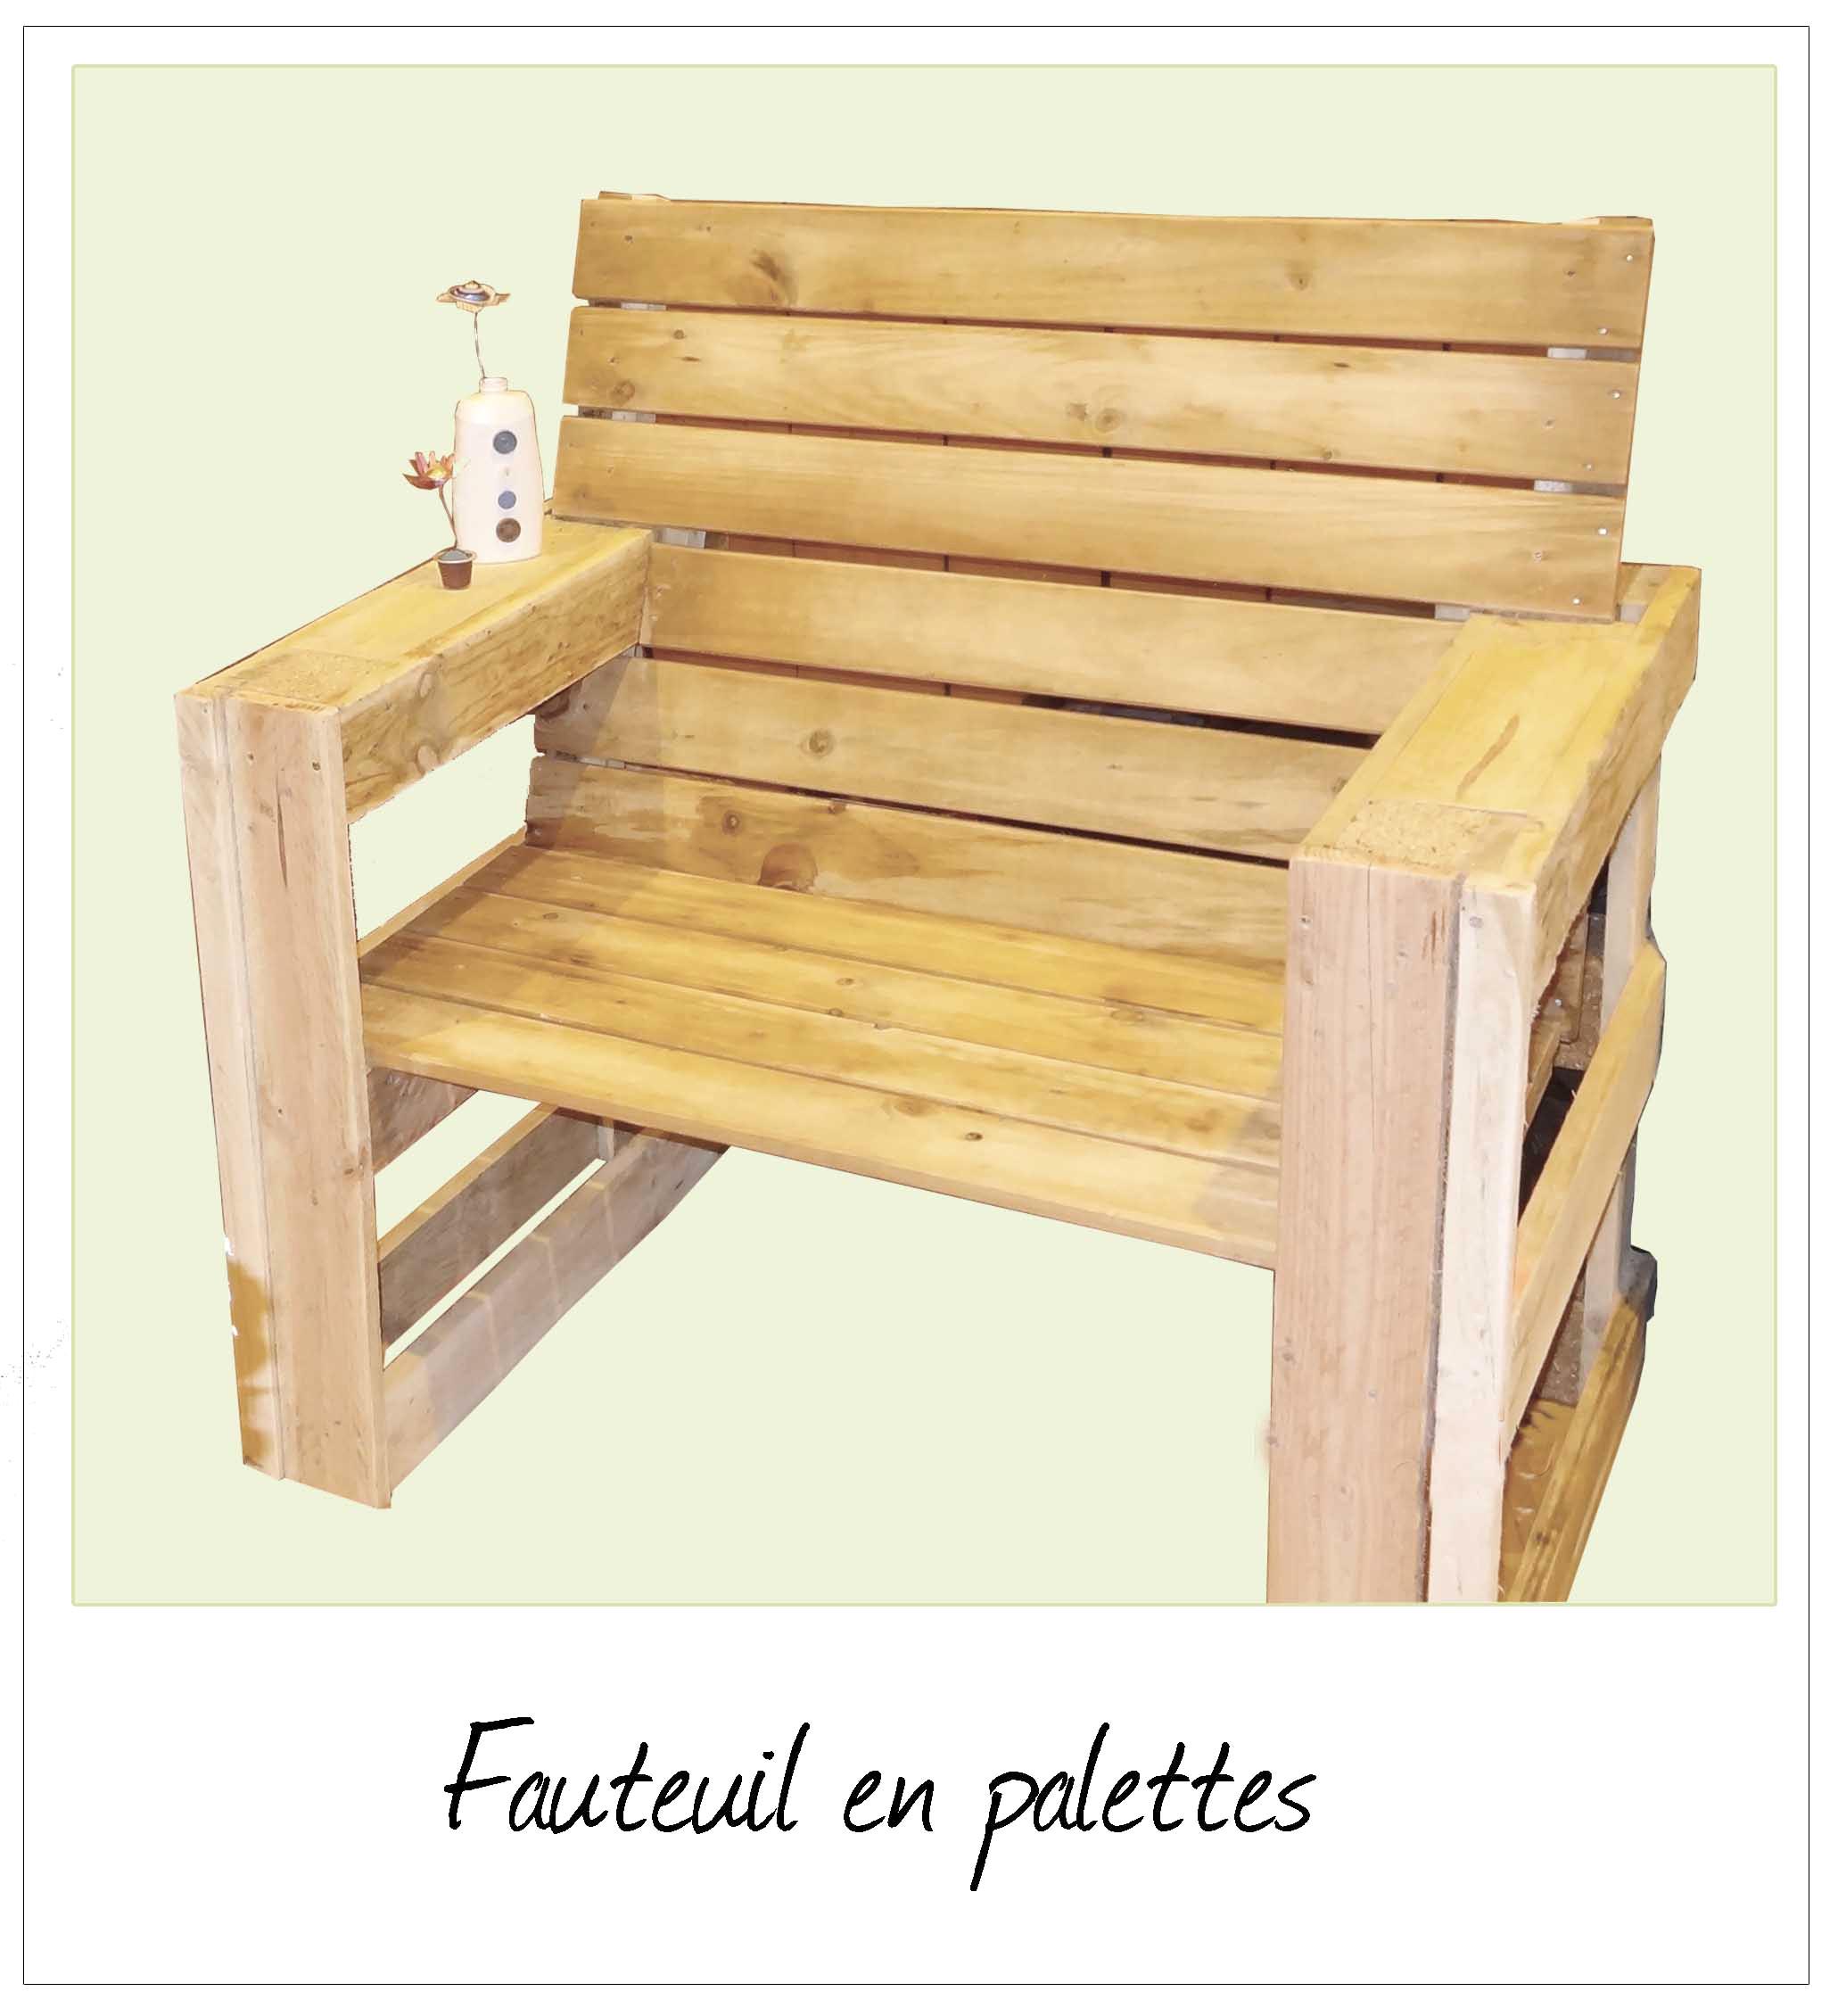 fauteuil palette plan alamode furniture dans fauteuil palette plan fashion designs con en 2061x2260px